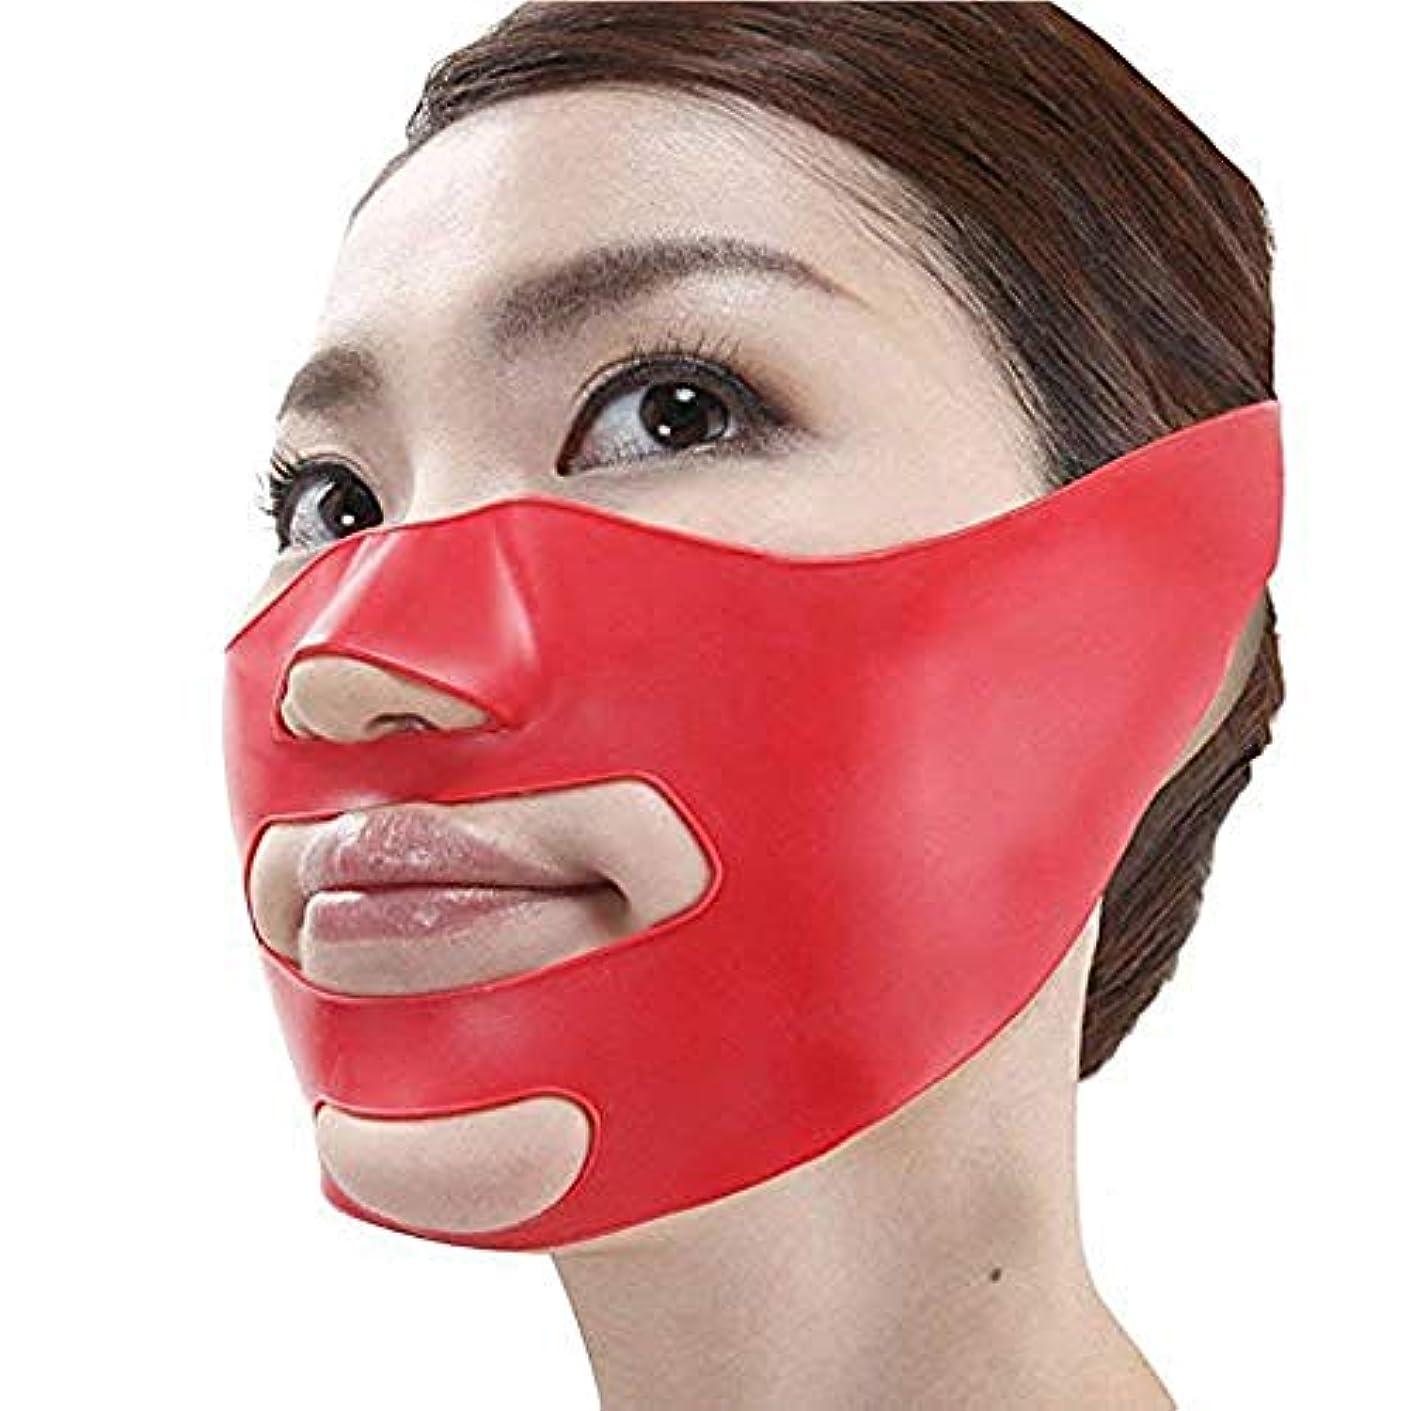 リーズリーズ葬儀Milent 小顔矯正 マスク 小顔補正ベルト ほうれい線 リフトスリムマスク 3Dエクササイズマスク 法令線予防 抗シワ サウナマスク 美顔 フリーサイズ